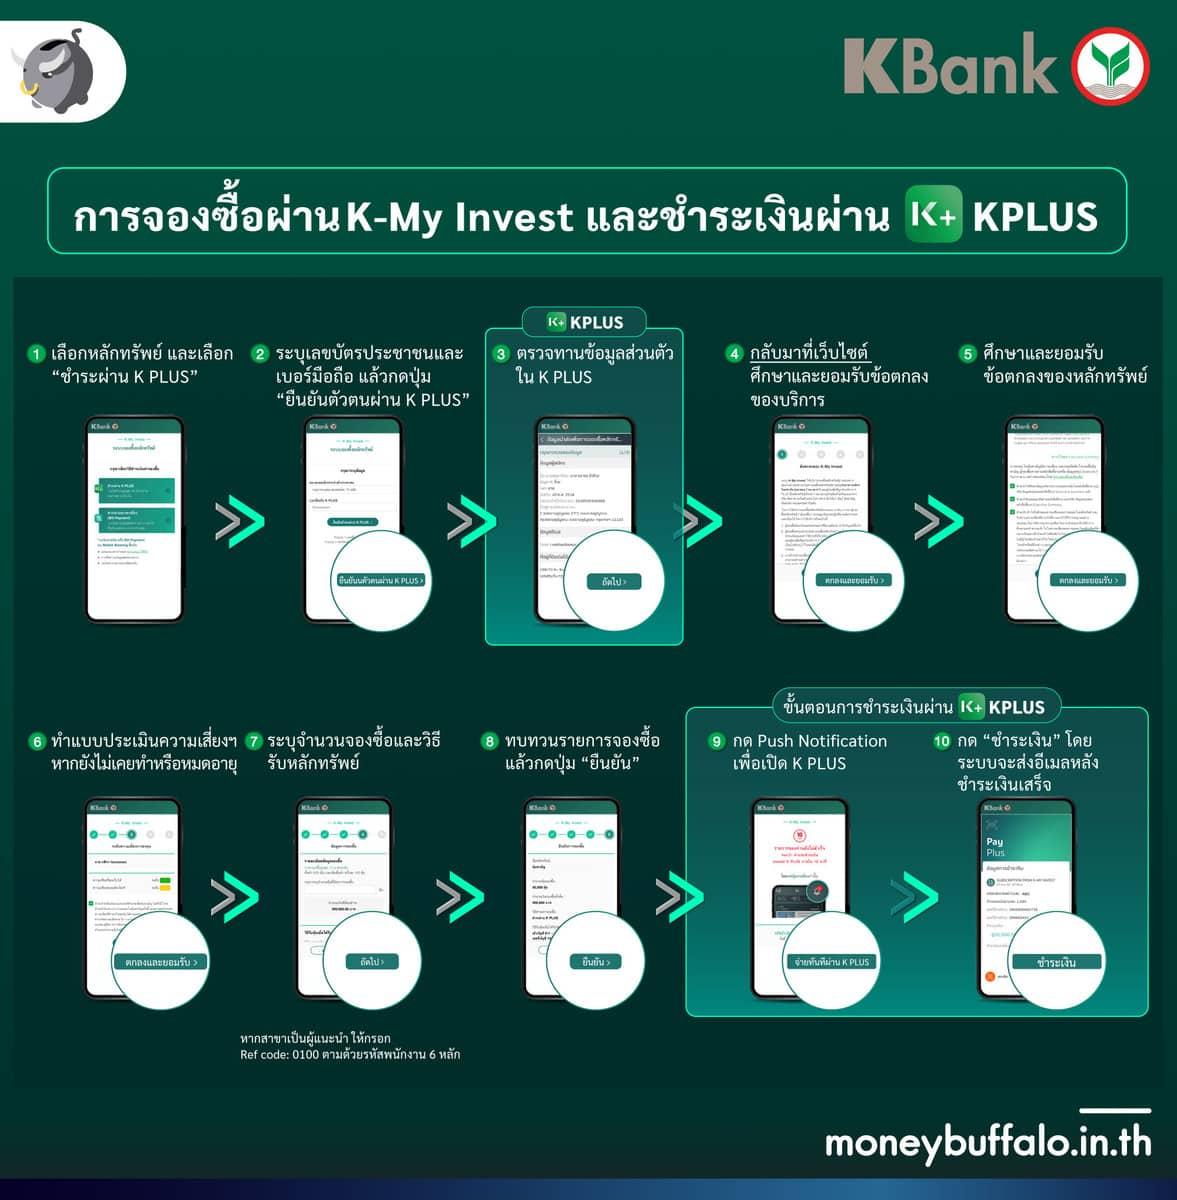 จองซื้อหุ้นกู้ออนไลน์ CPFTH ผ่าน เว็ปไวต์ K-My Invest ของธนาคารกสิกรไทย ลงทุนง่ายและสะดวกที่สุด